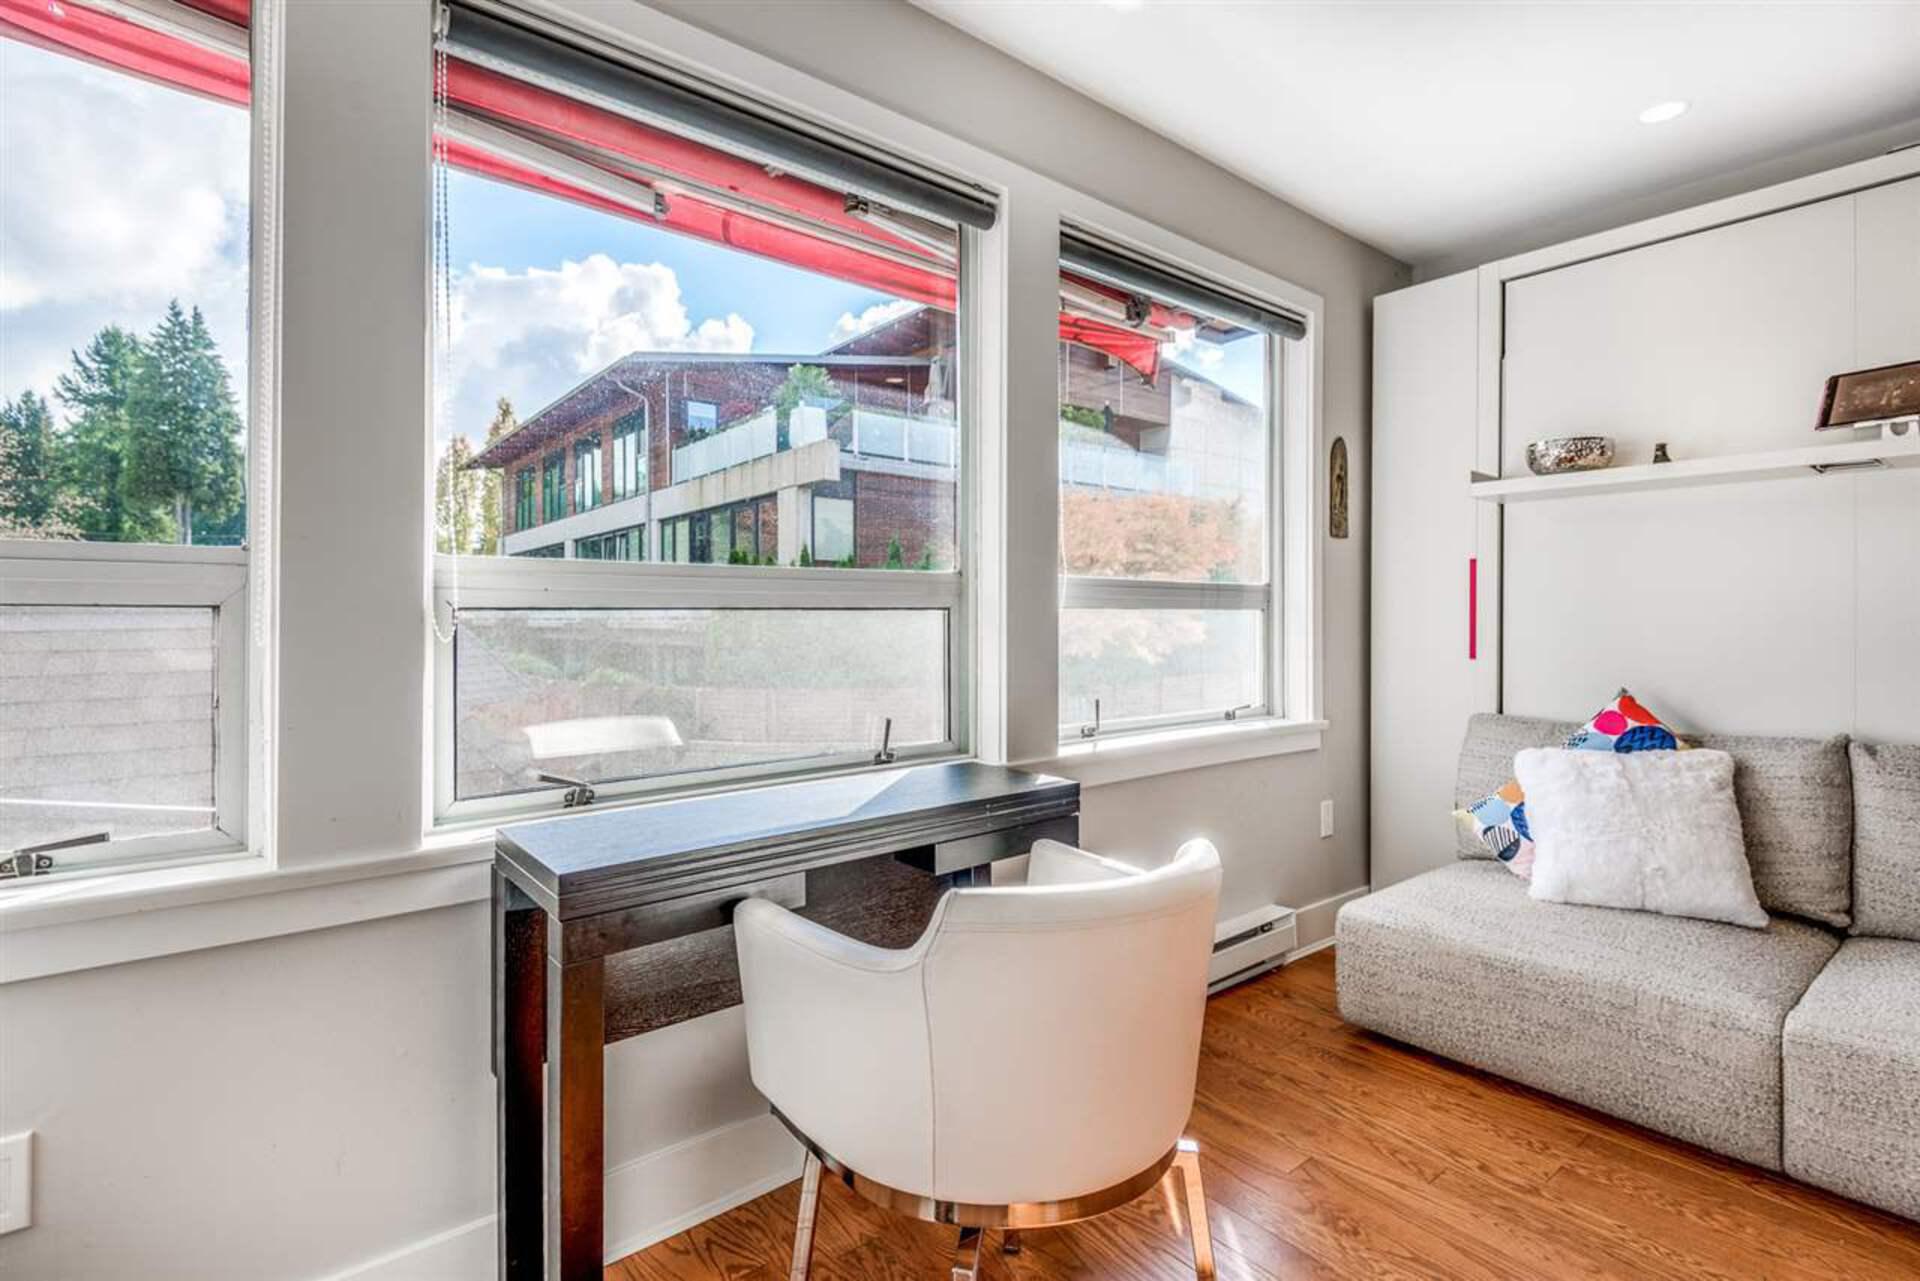 3711-delbrook-avenue-upper-delbrook-north-vancouver-07 at 203 - 3711 Delbrook Avenue, Upper Delbrook, North Vancouver